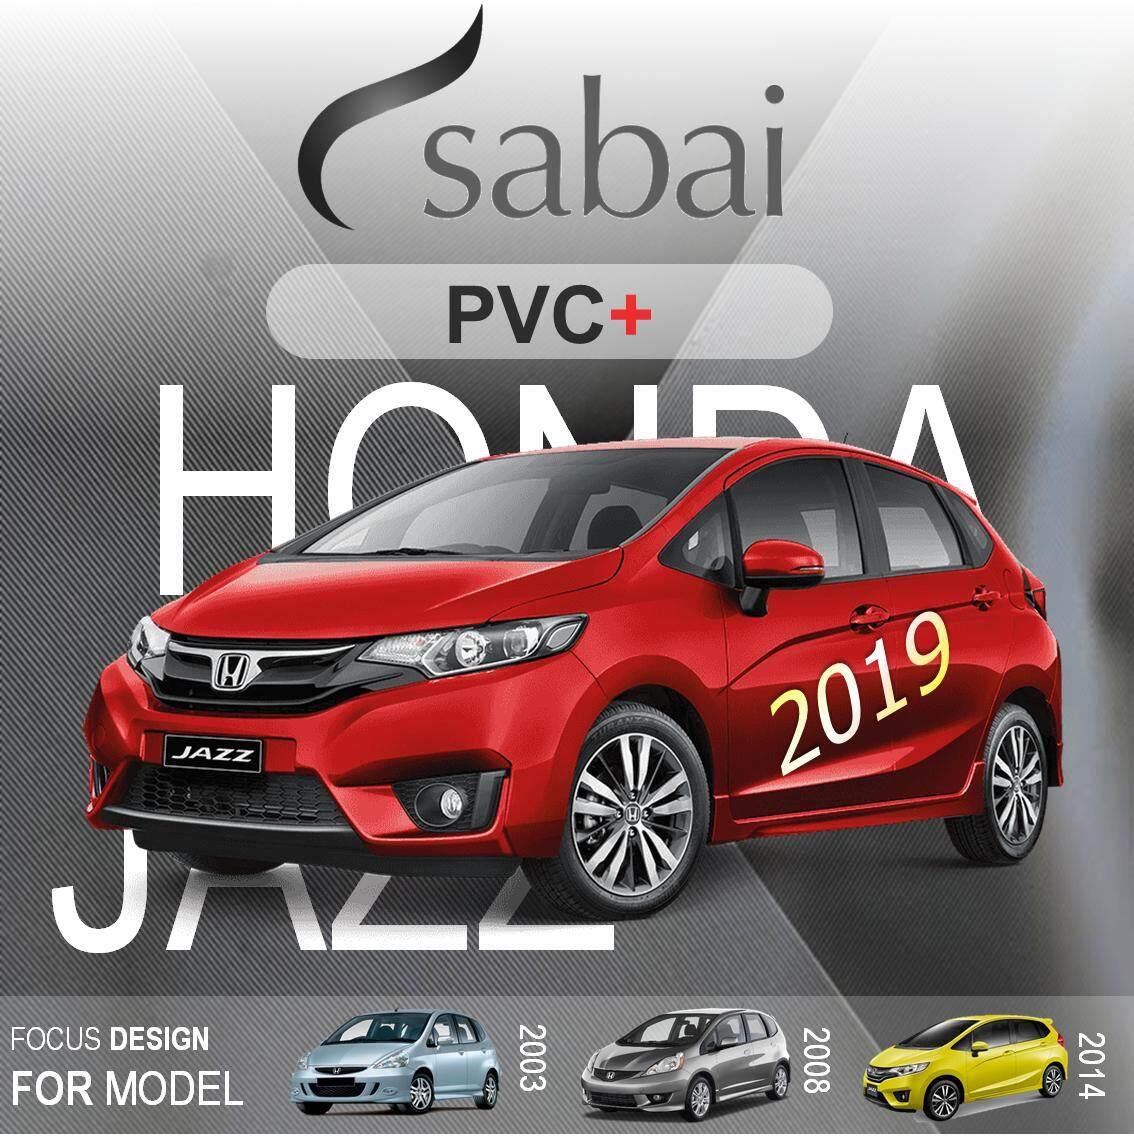 SABAI COVER ผ้าคลุมรถ PVC+ HONDA JAZZ 2019 (2003-2019) ตรงรุ่น พร้อมถุงคลุมหูกระจกและเสาอากาศ (ฟรี!ของแถม + ส่ง Kerry รวดเร็ว ฉับไว มั่นใจ ได้ของถูกชัวร์)